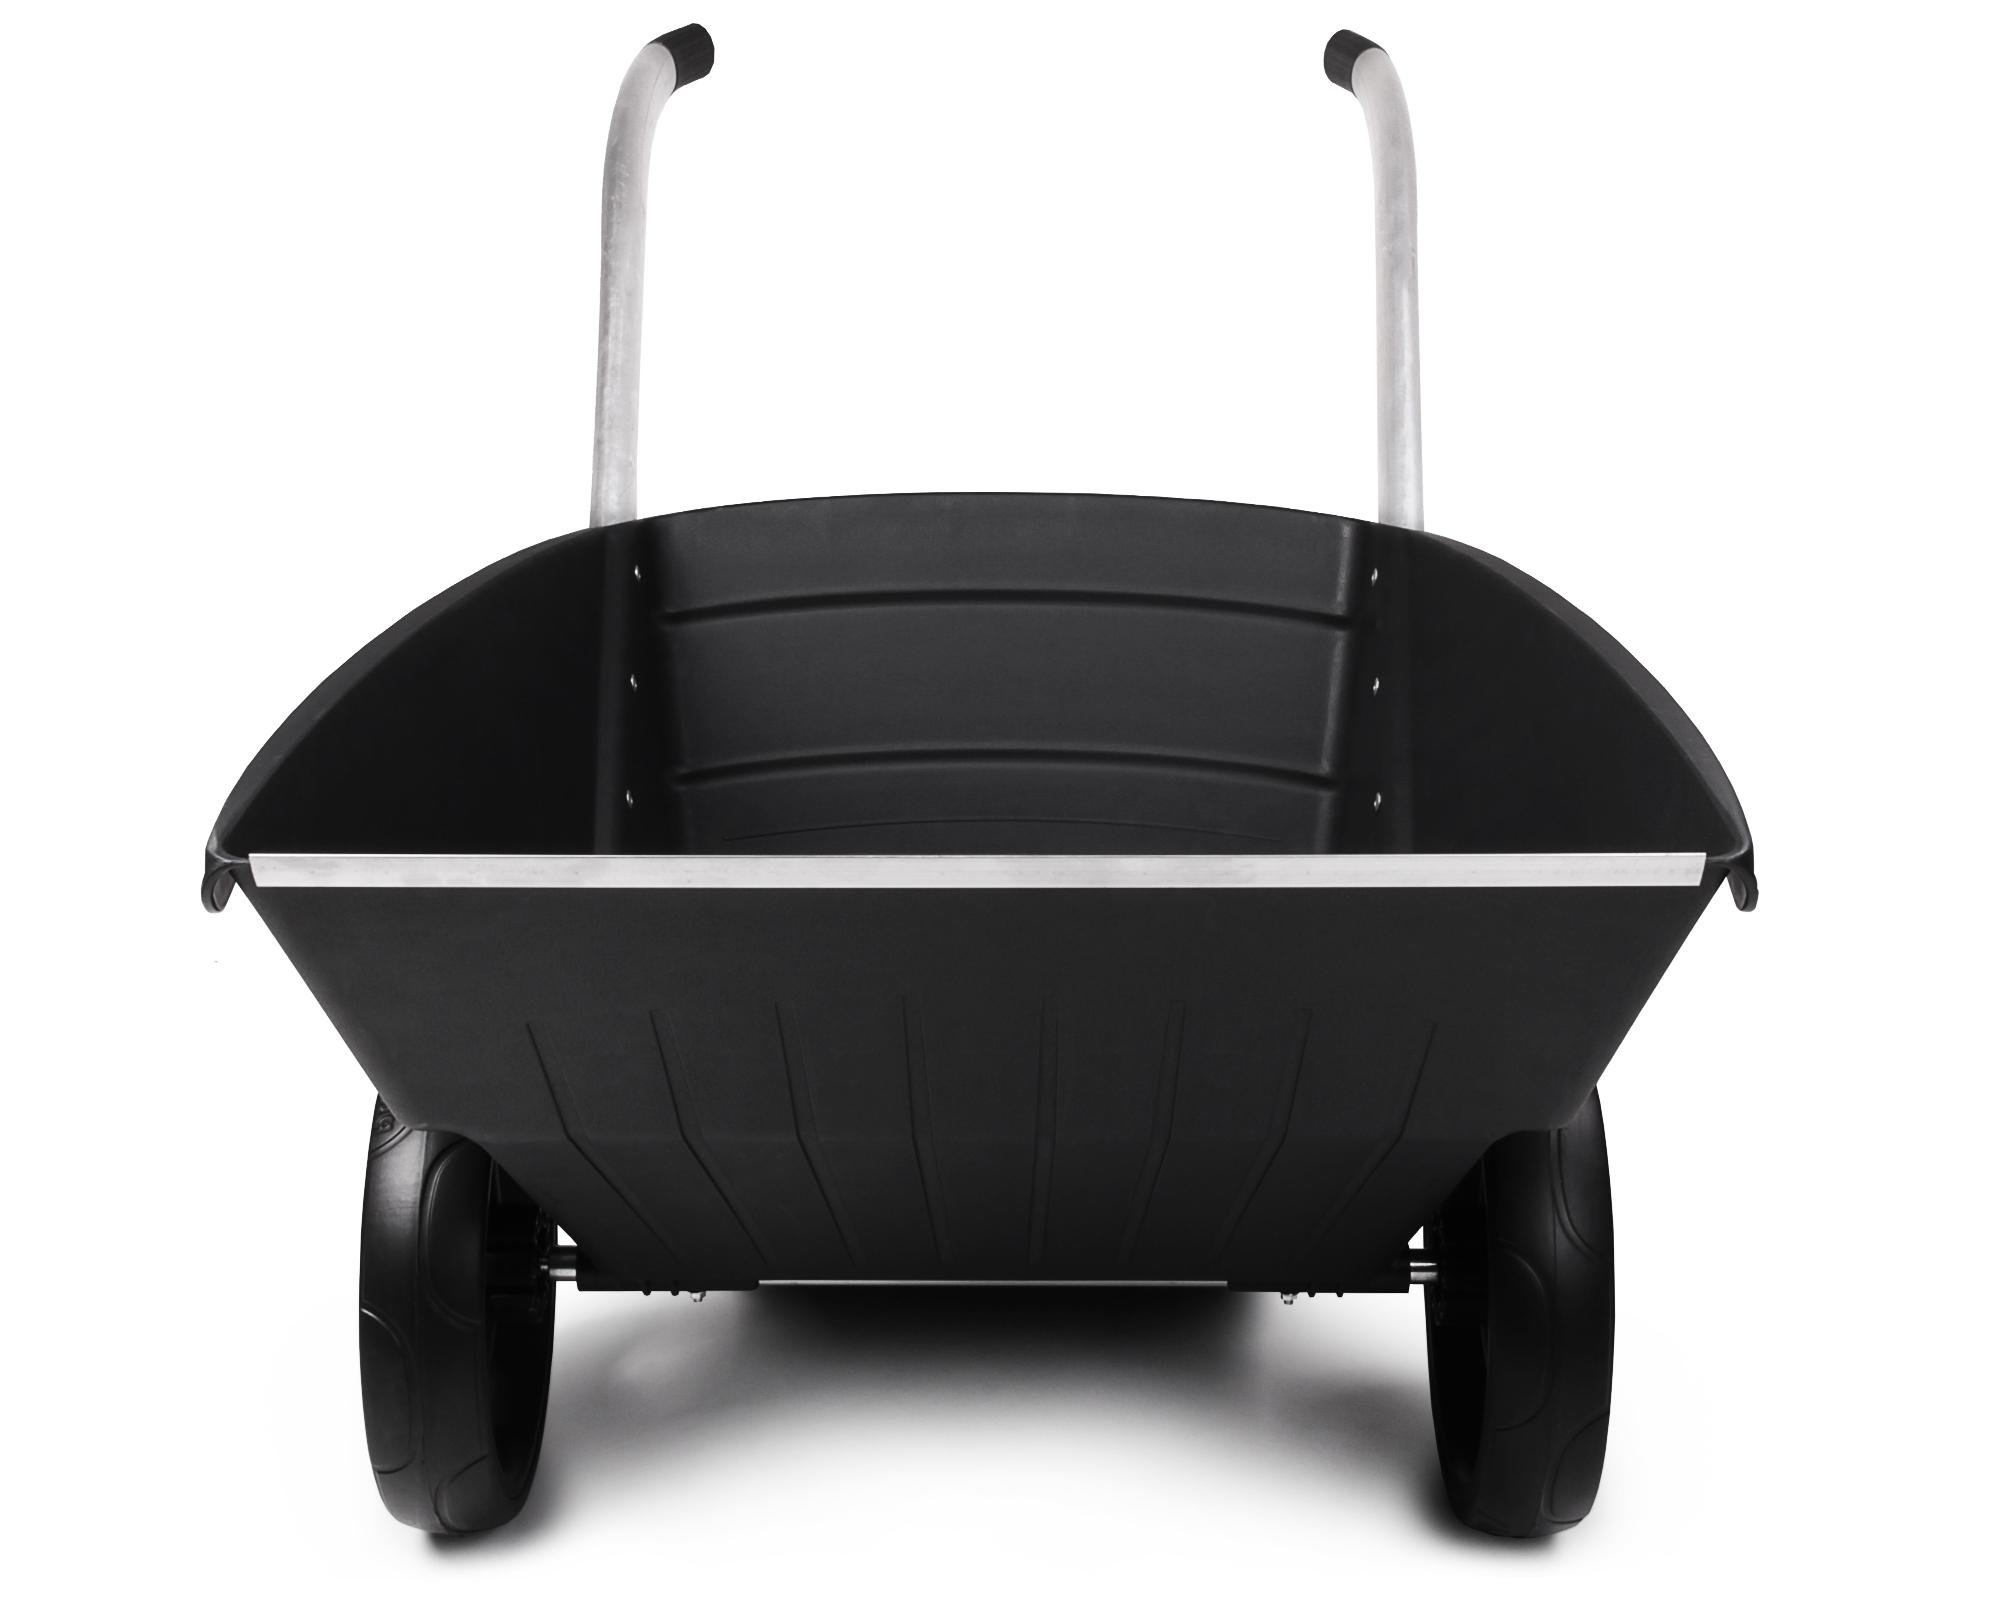 ondis24 schubkarre kunststoff carrello g nstig online kaufen. Black Bedroom Furniture Sets. Home Design Ideas